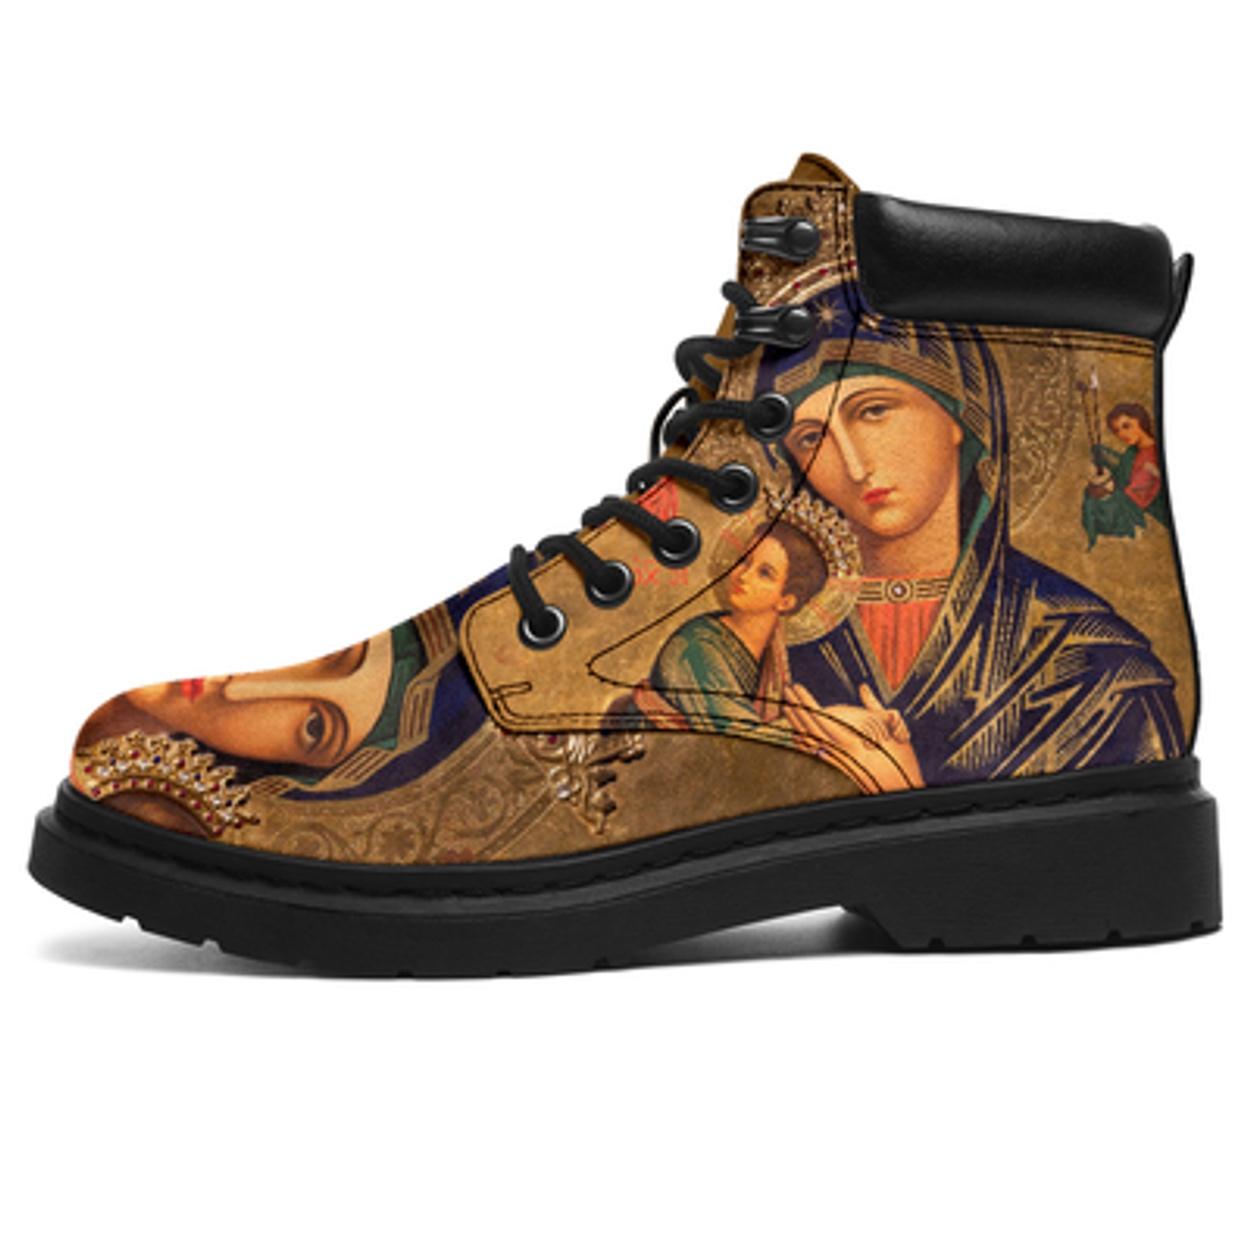 Όσοι πιστοί, φορέστε τα! Μποτάκια με την Παναγία την Οδηγήτρια! (pics)